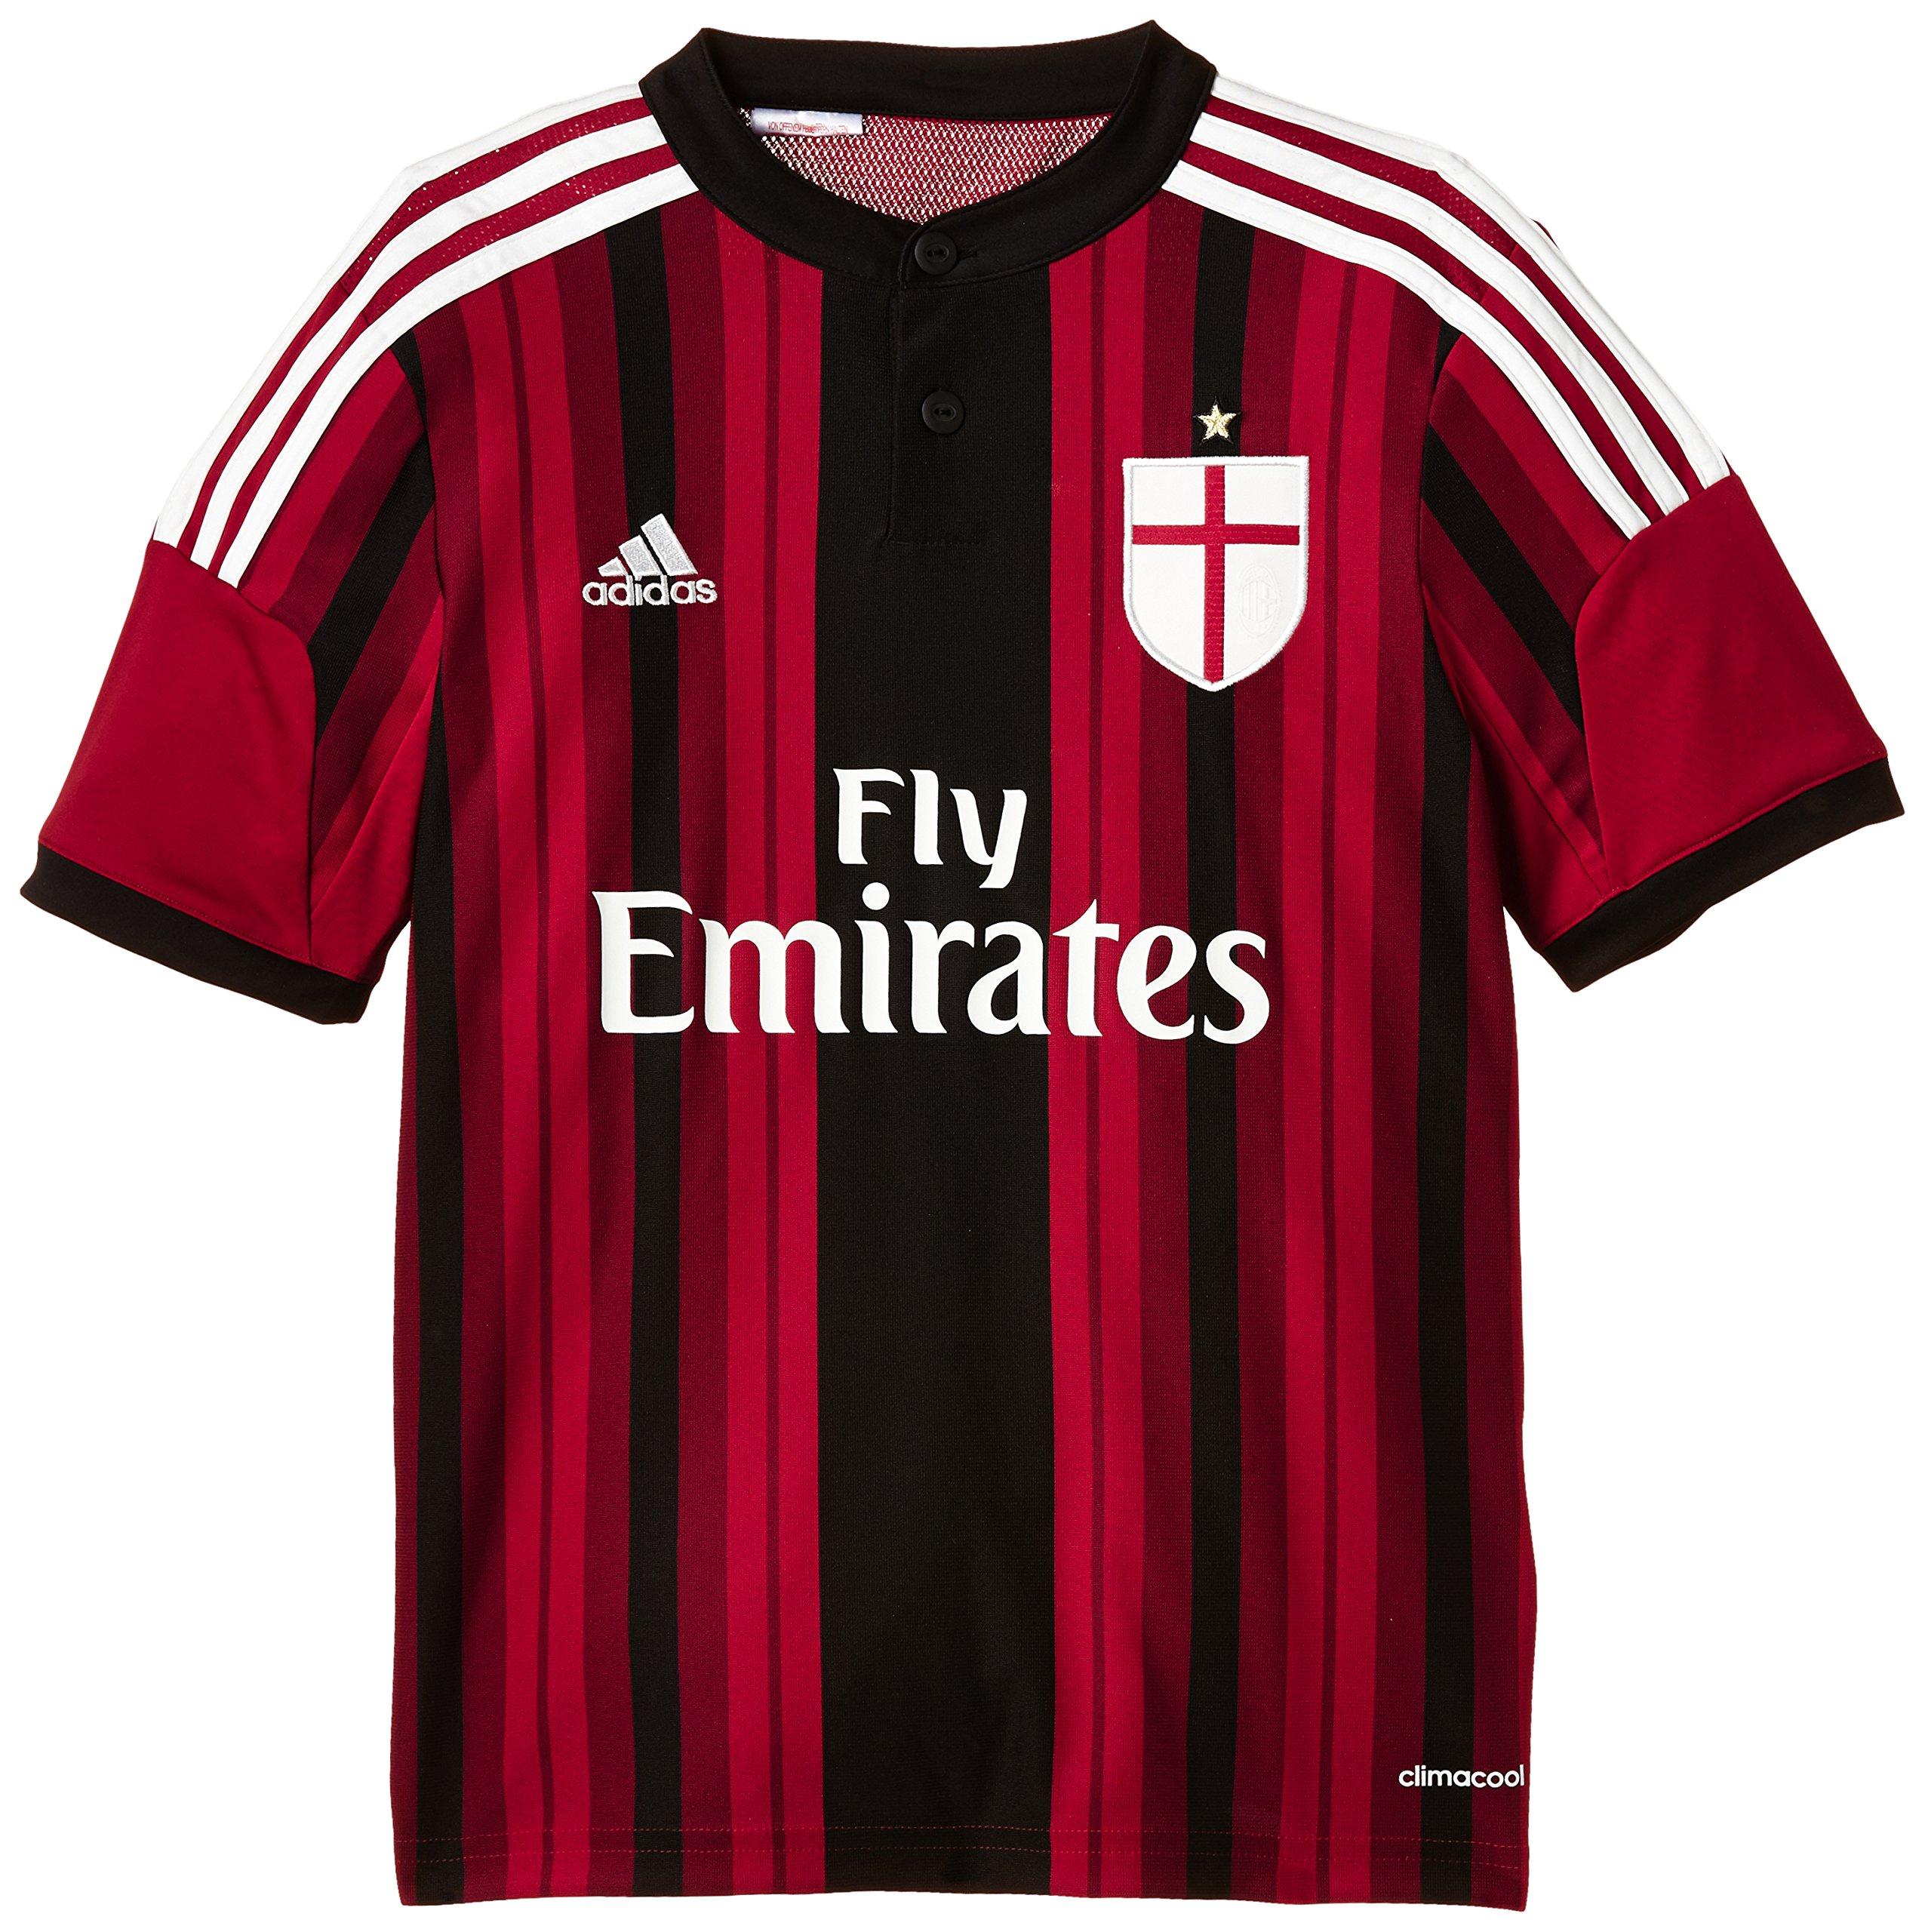 lowest price 71e94 1a046 adidas, Maglia Sportiva Bambino AC Milan Replica Home